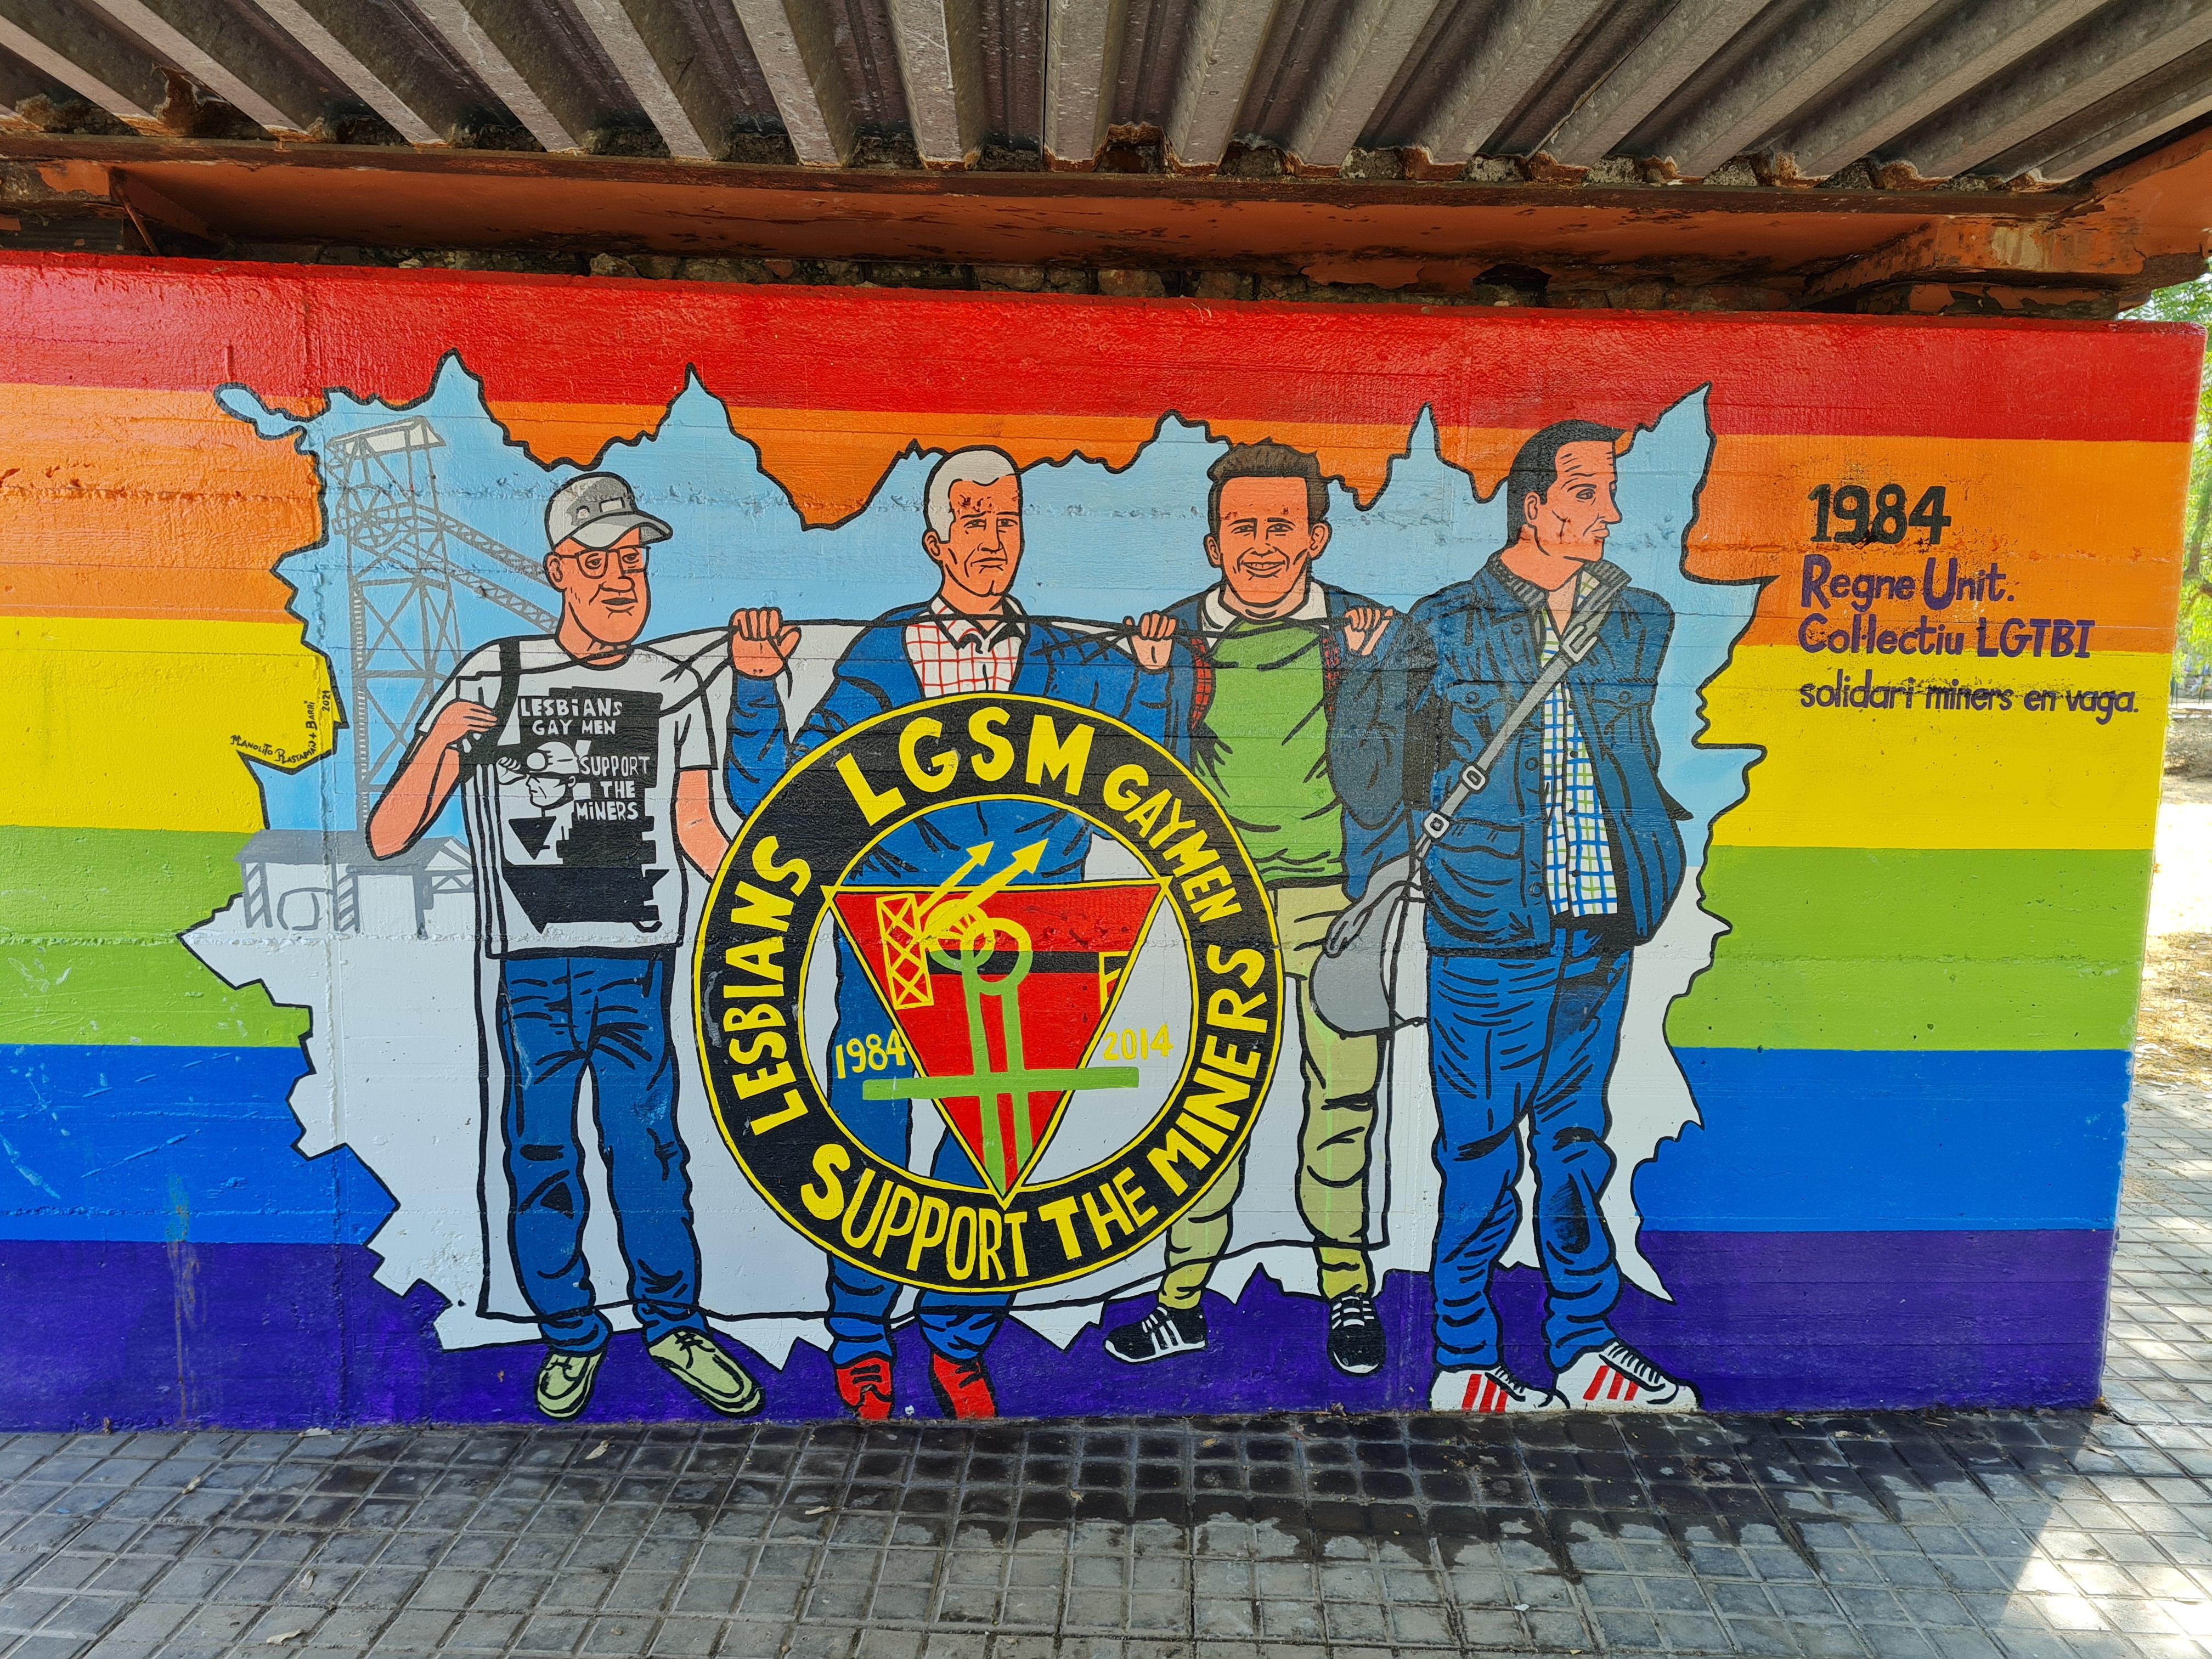 Imatge col.lectiu LGTBI solidaris amb els miners al Regne Unit